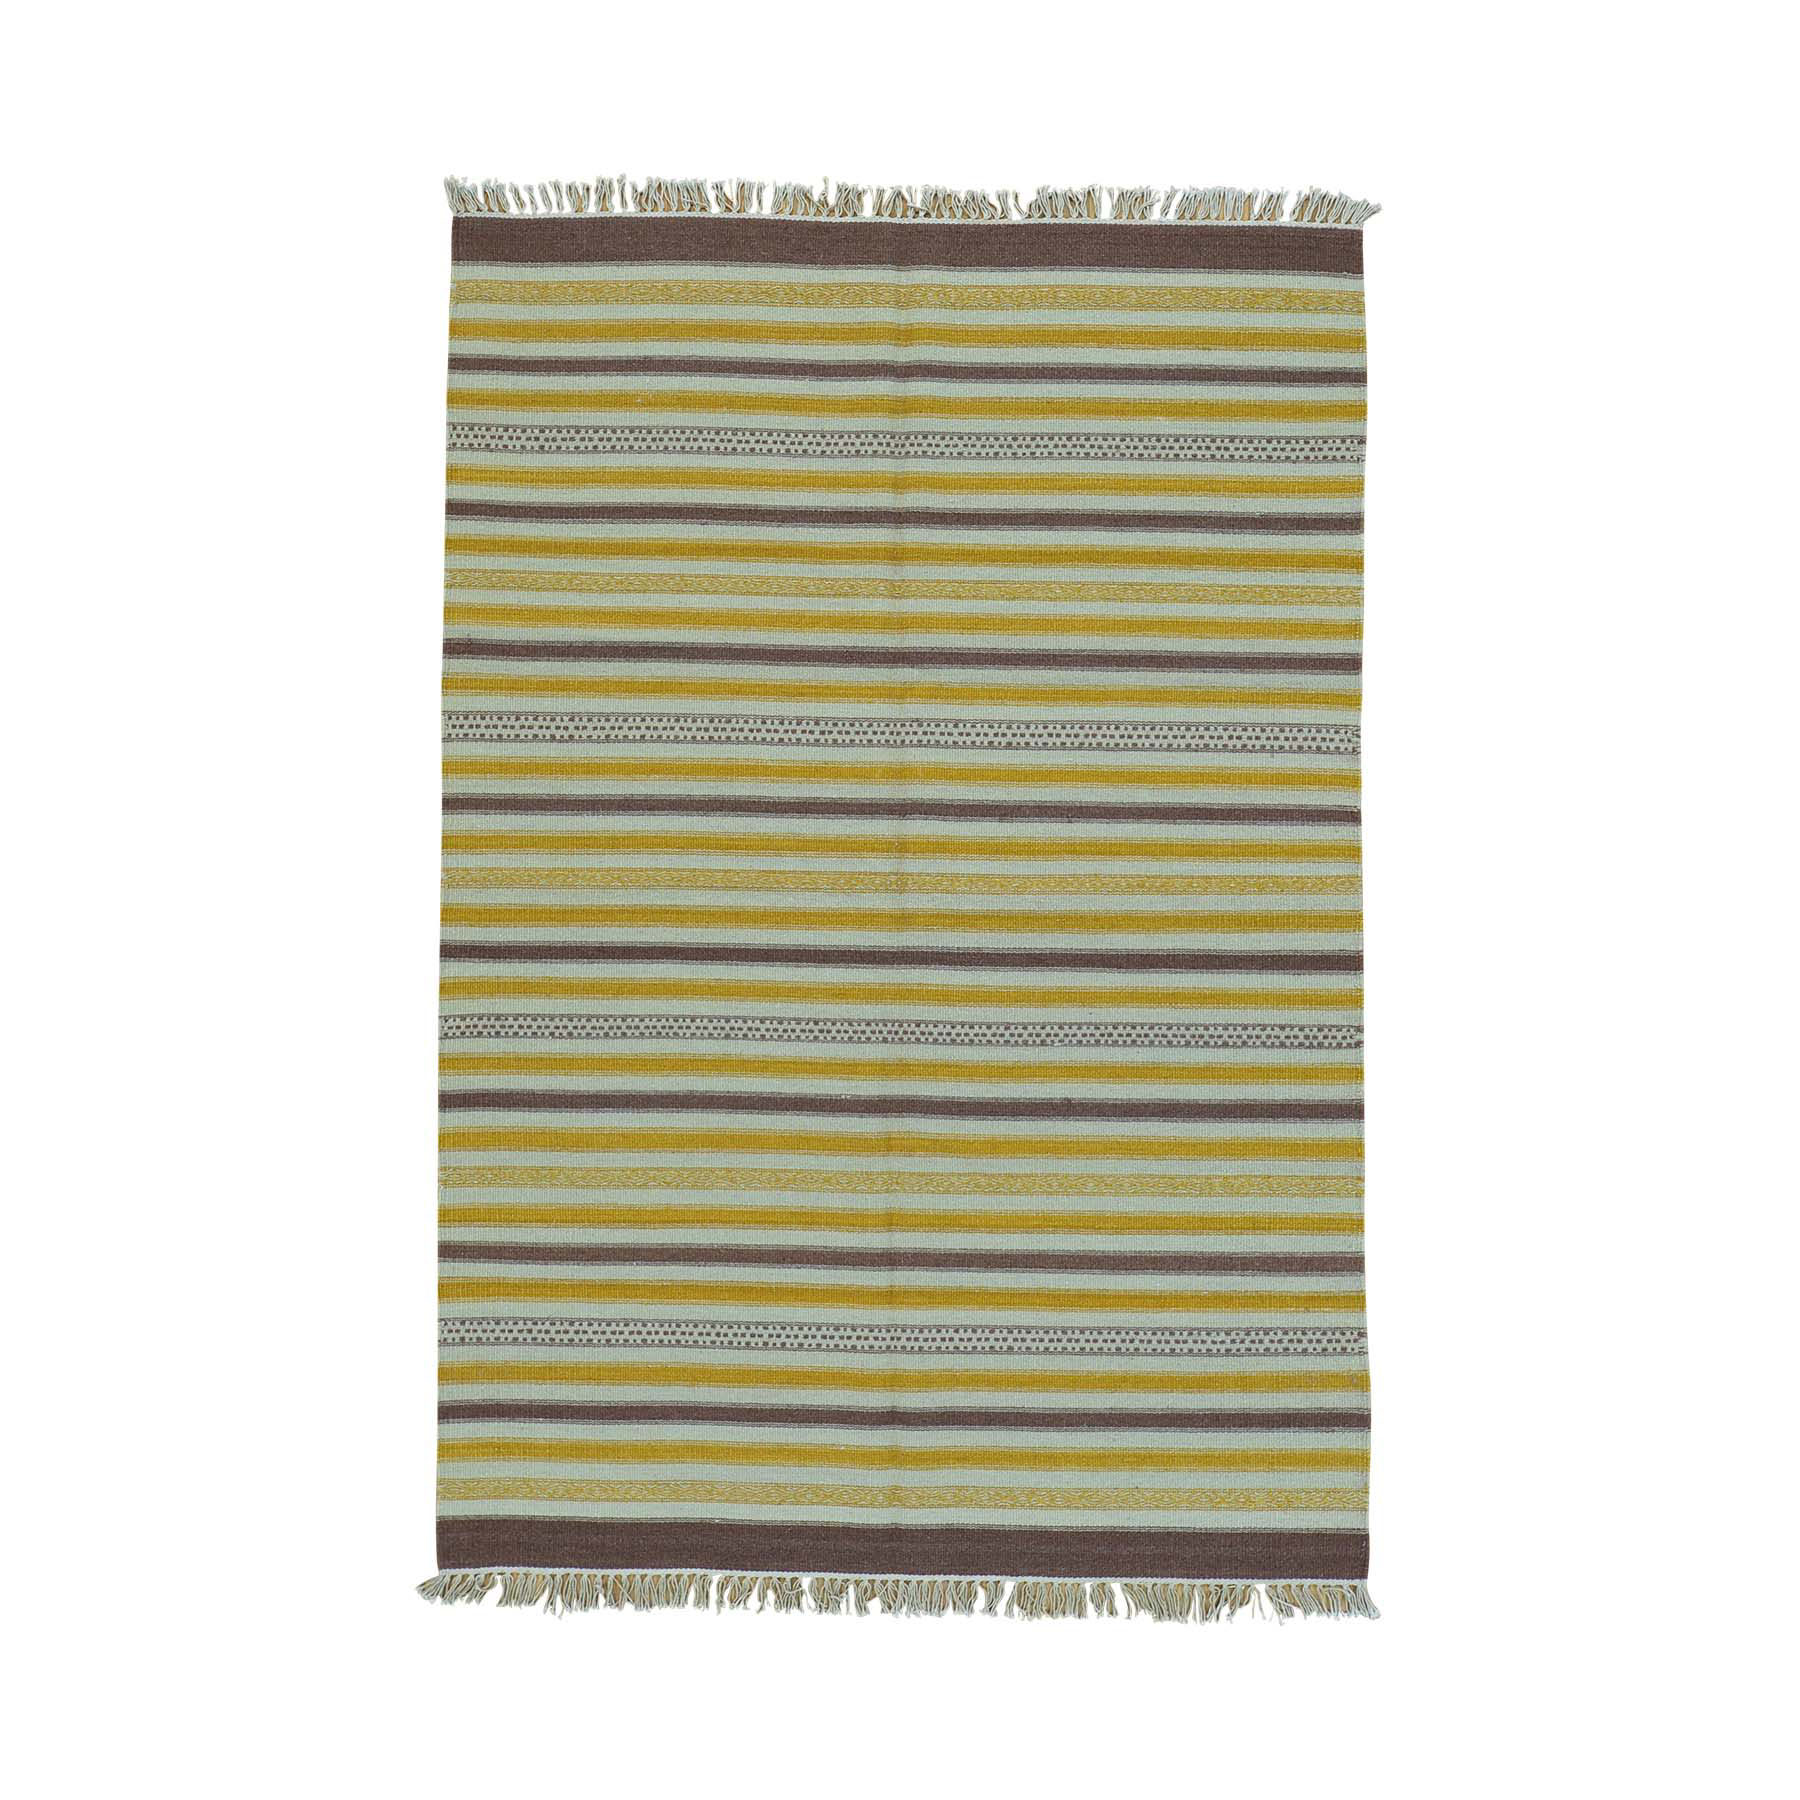 Fine Kilim Collection Hand Woven Multicolored Rug No: 0160112